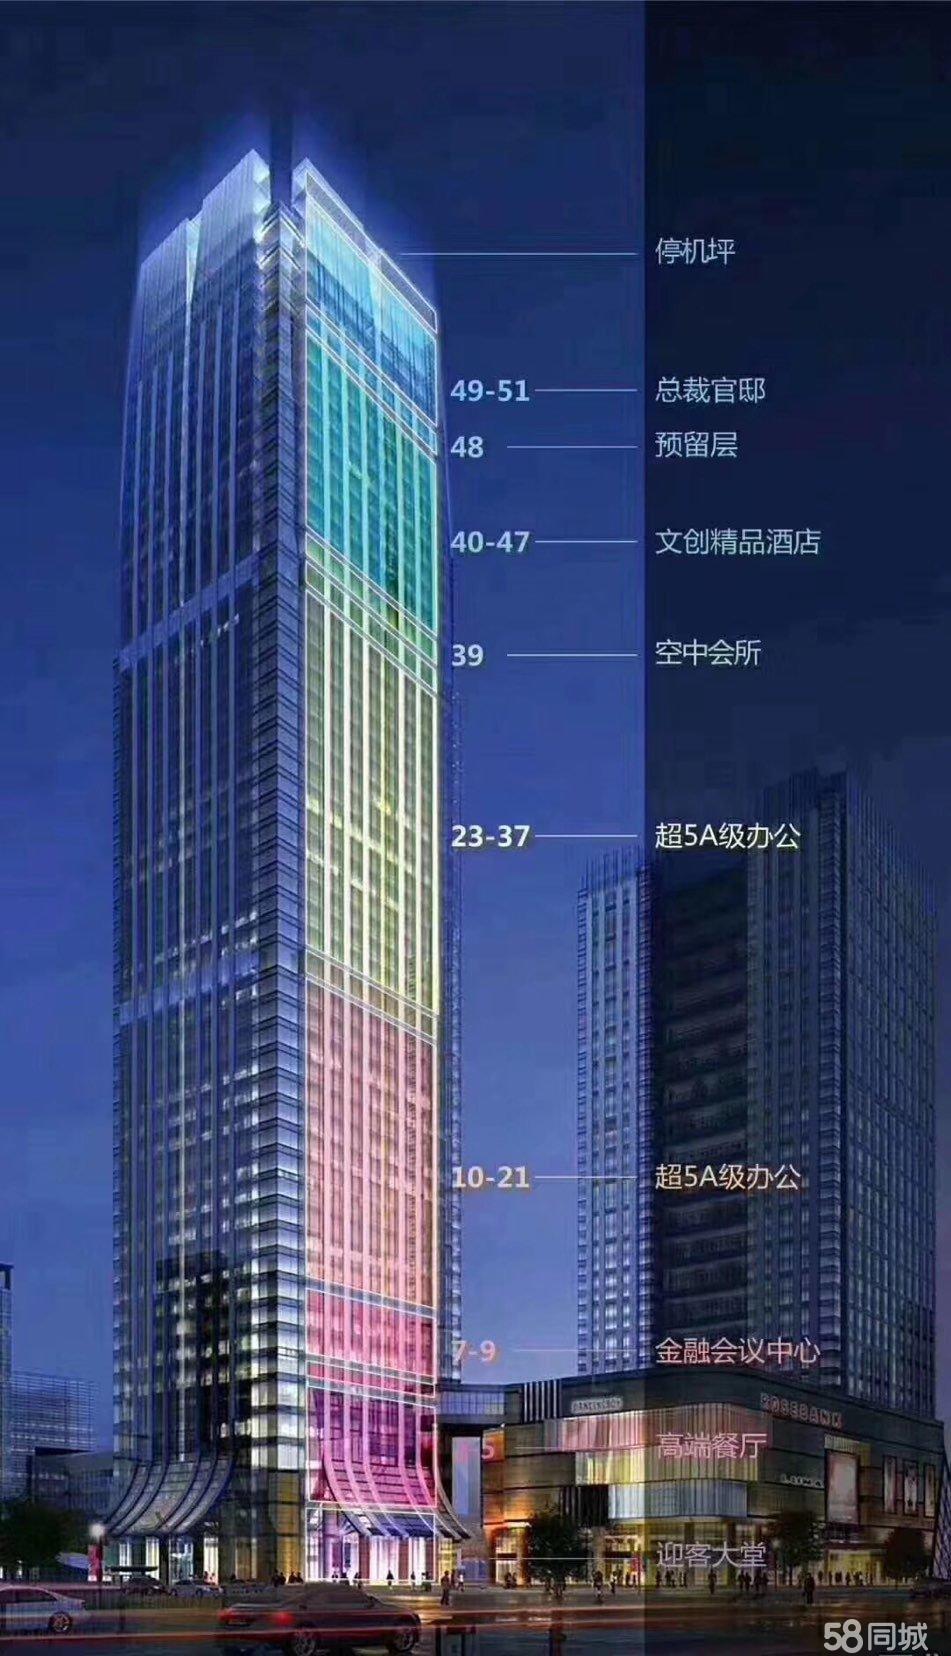 青岛舜宁国际金融中心,不限购,西海岸地标建筑